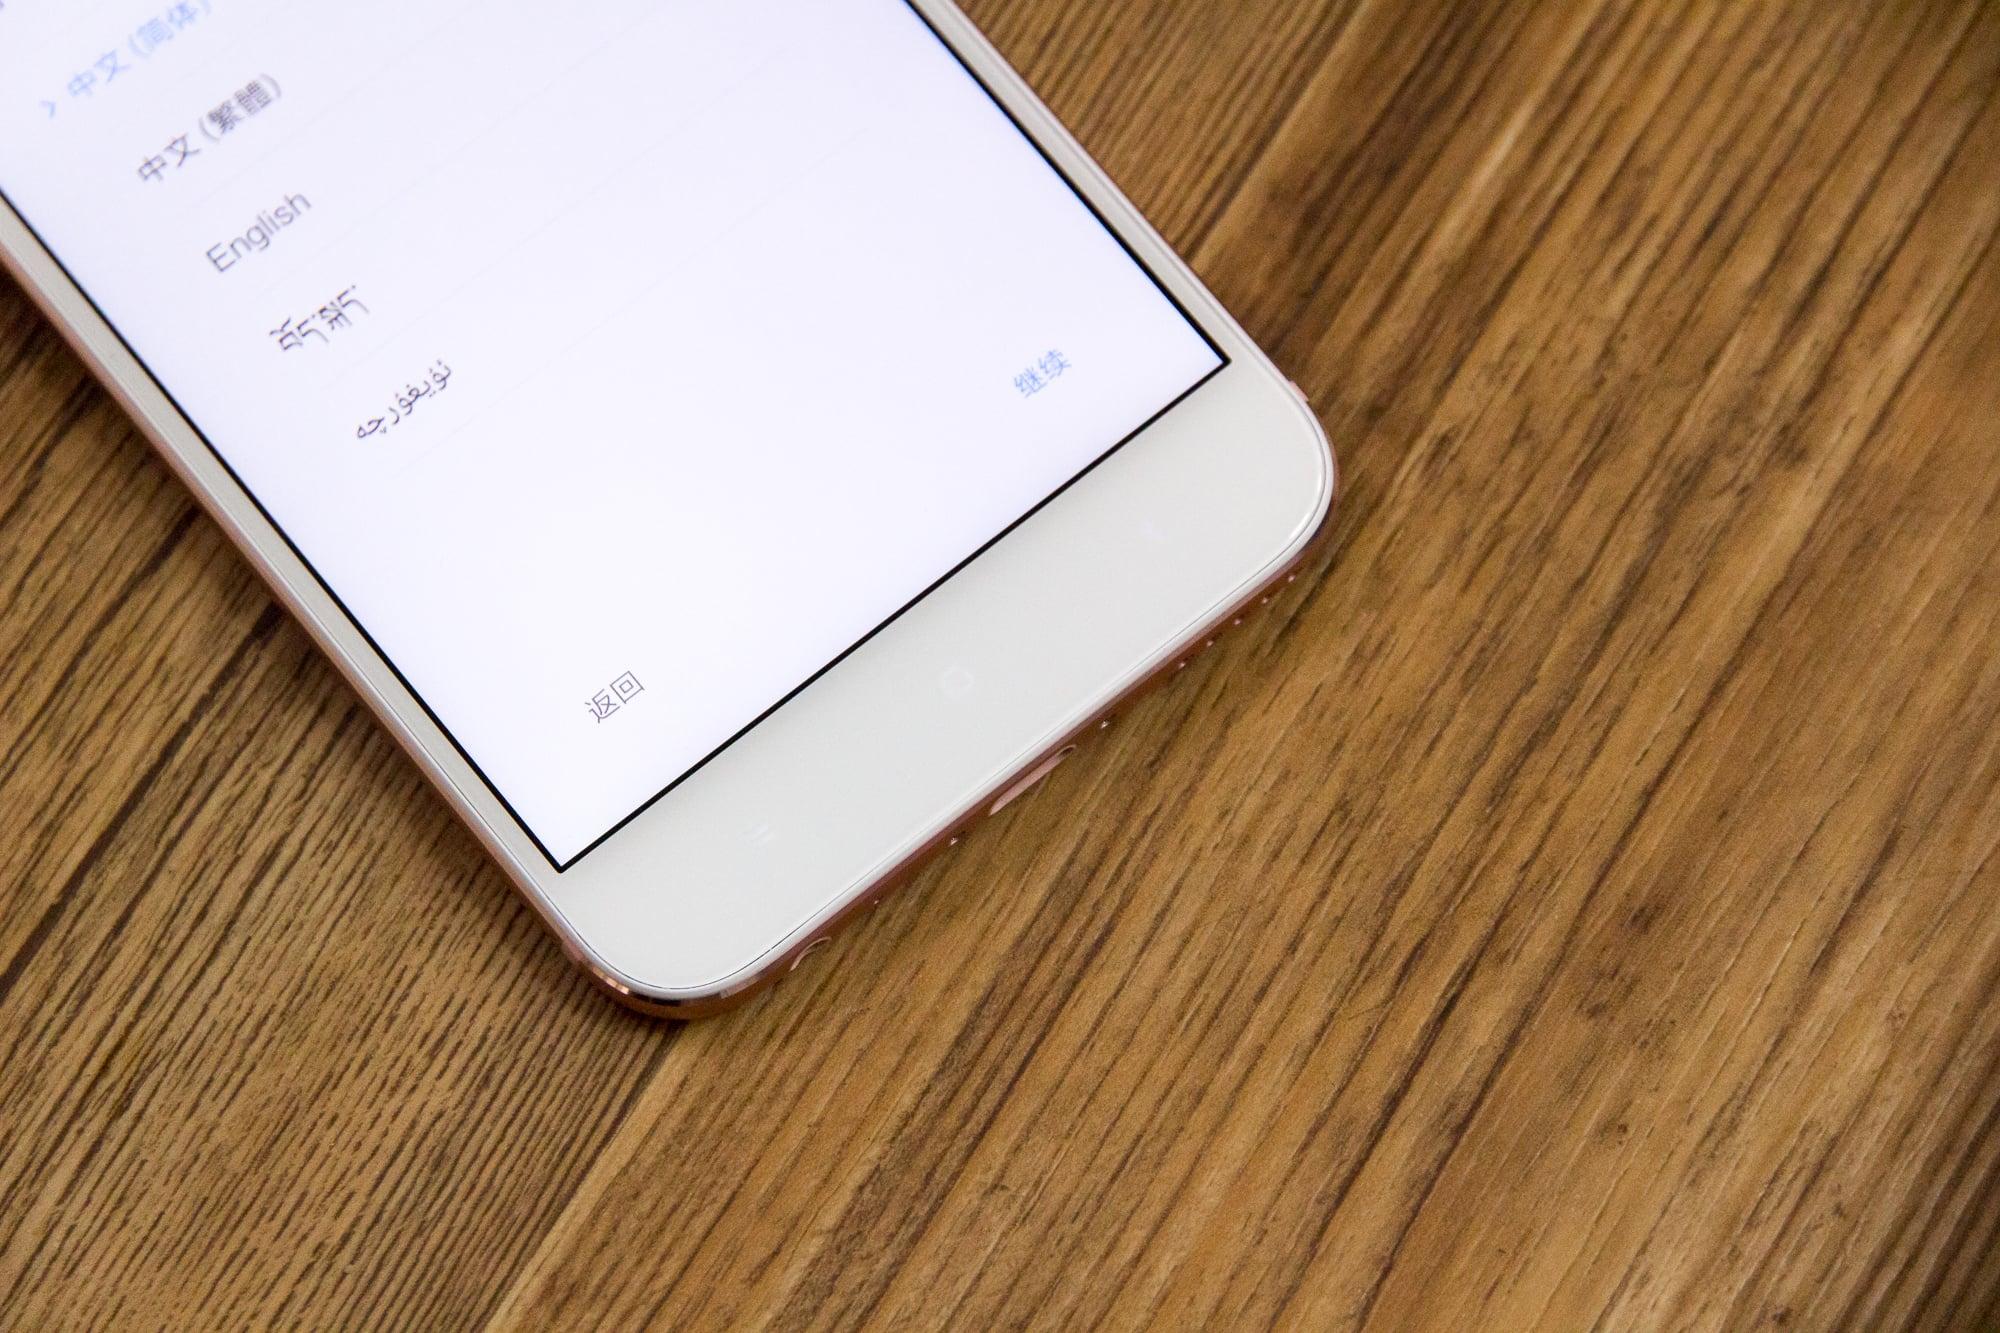 Обзор недорогого смартфона с хорошей для этой цены камерой. Изучаем Xiaomi Mi 5X (он же A1) - 3